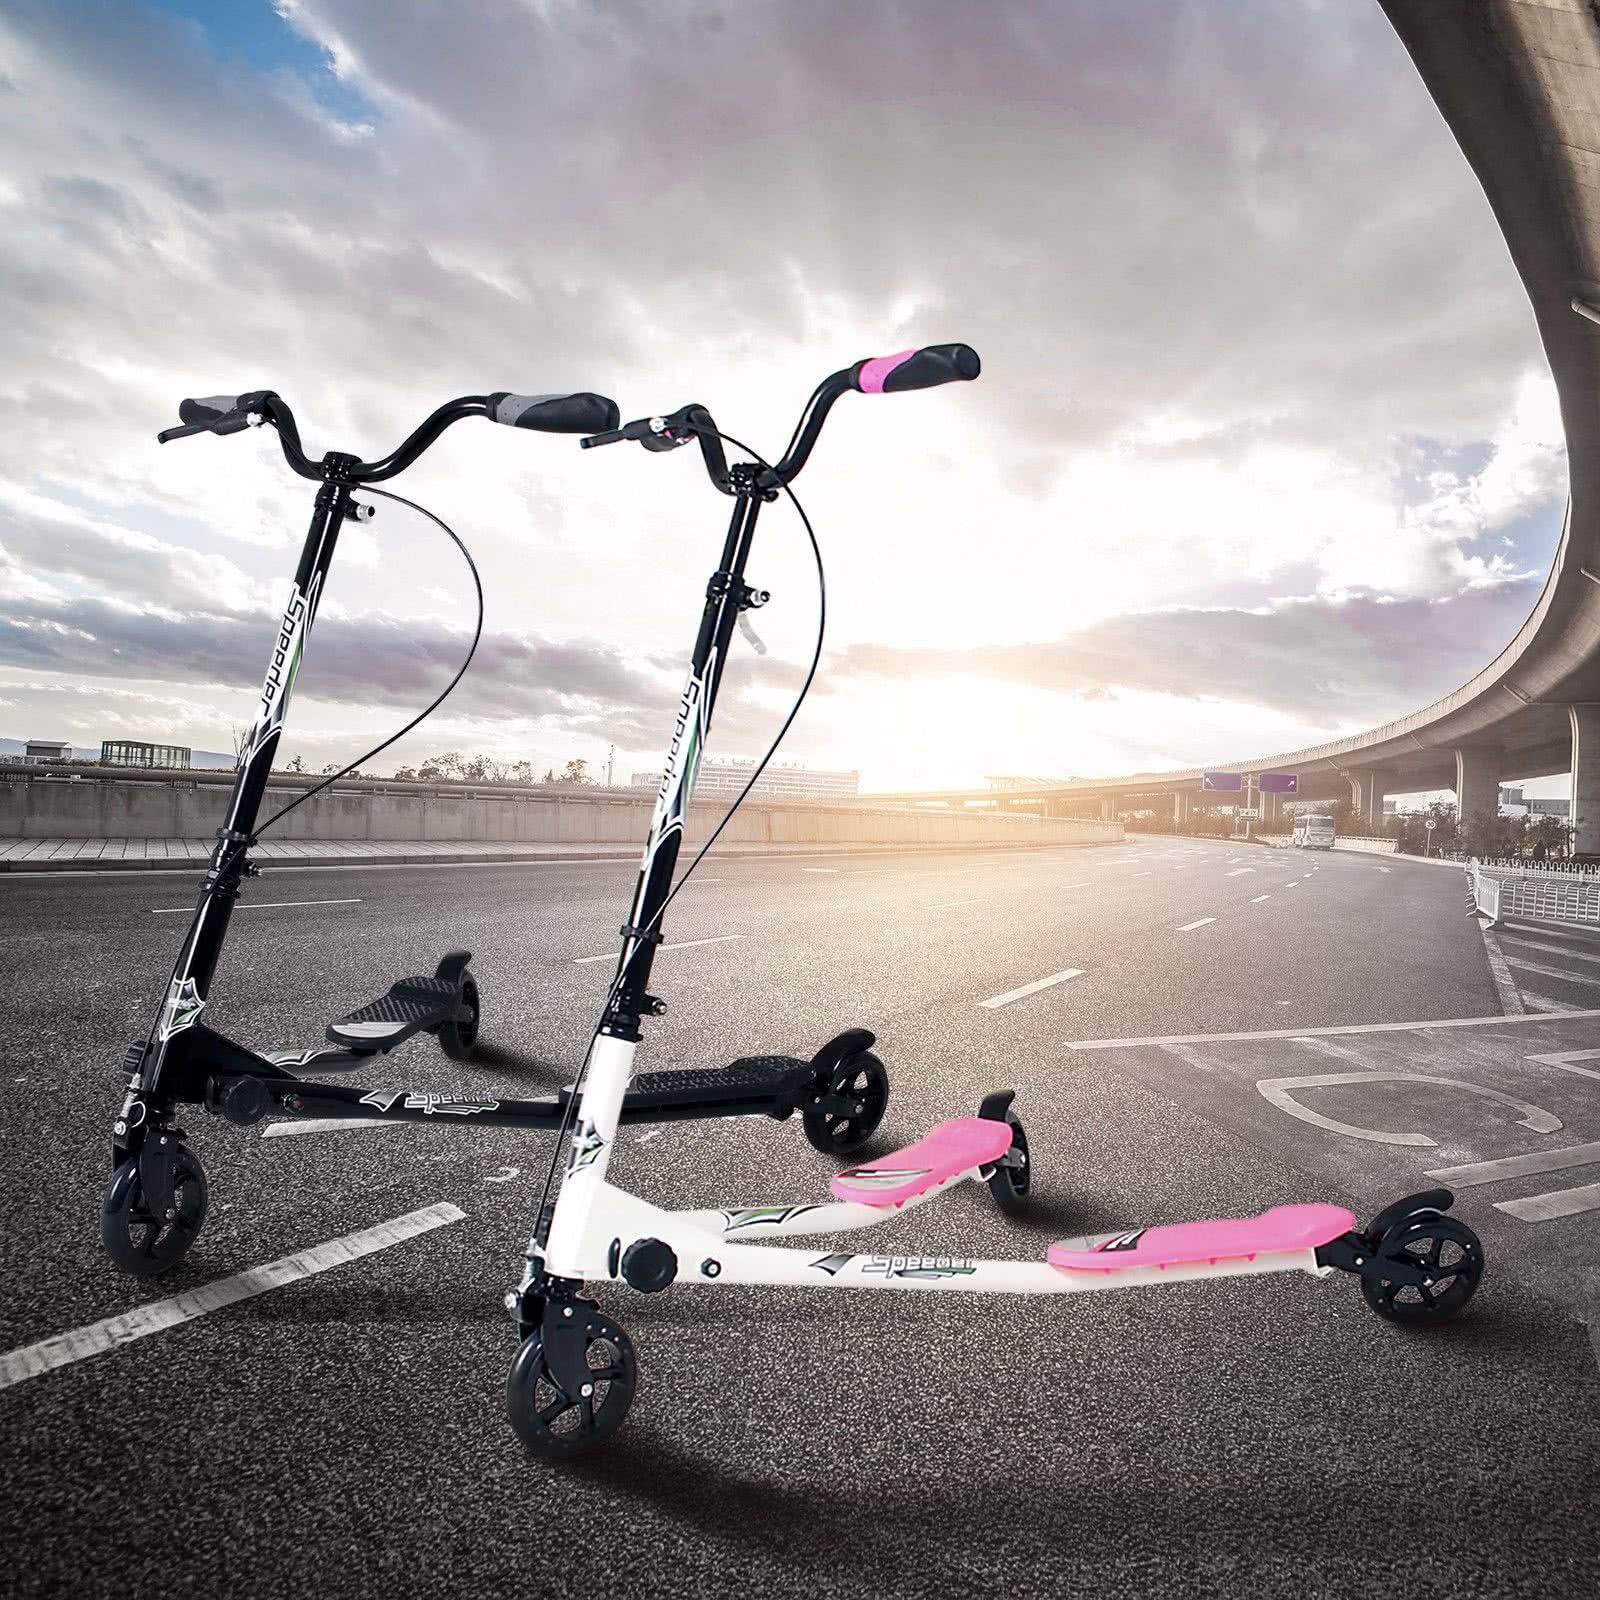 scooter-yorbay-s4243-1